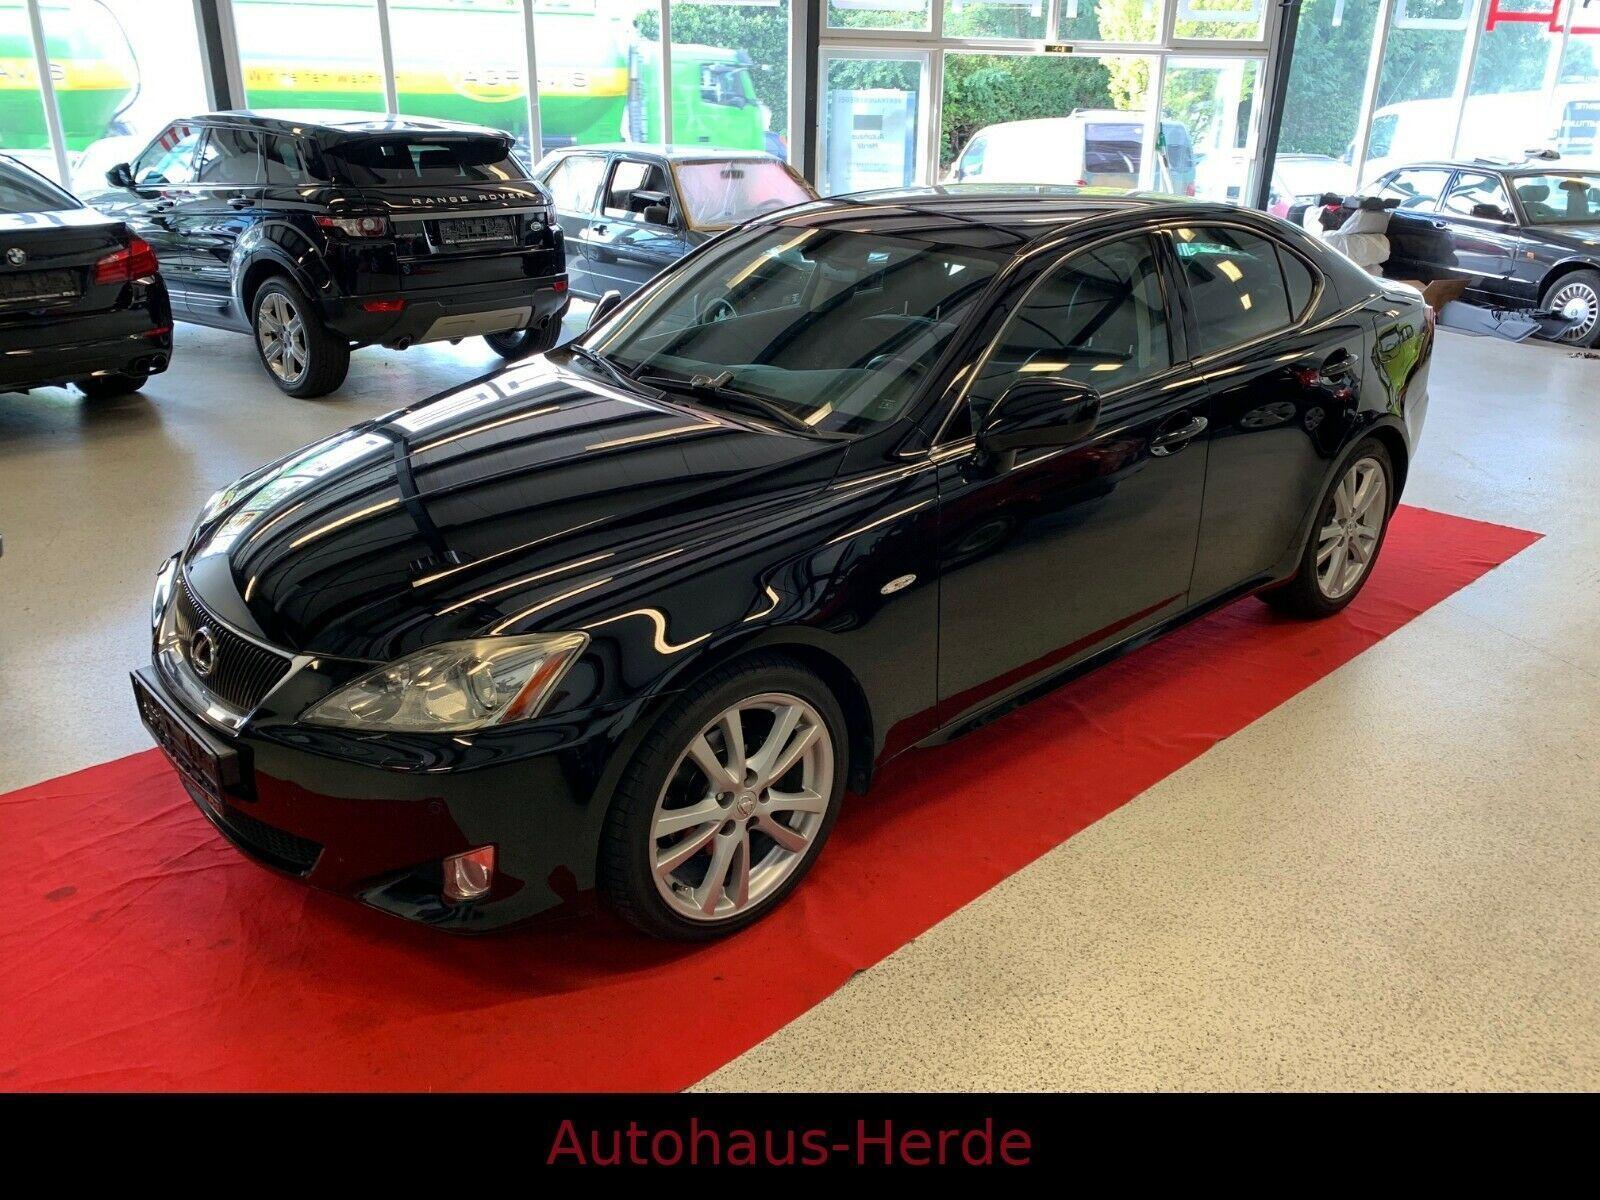 LEXUS IS 250 V6 -Leder -Xenon -Erst 83.850 KM